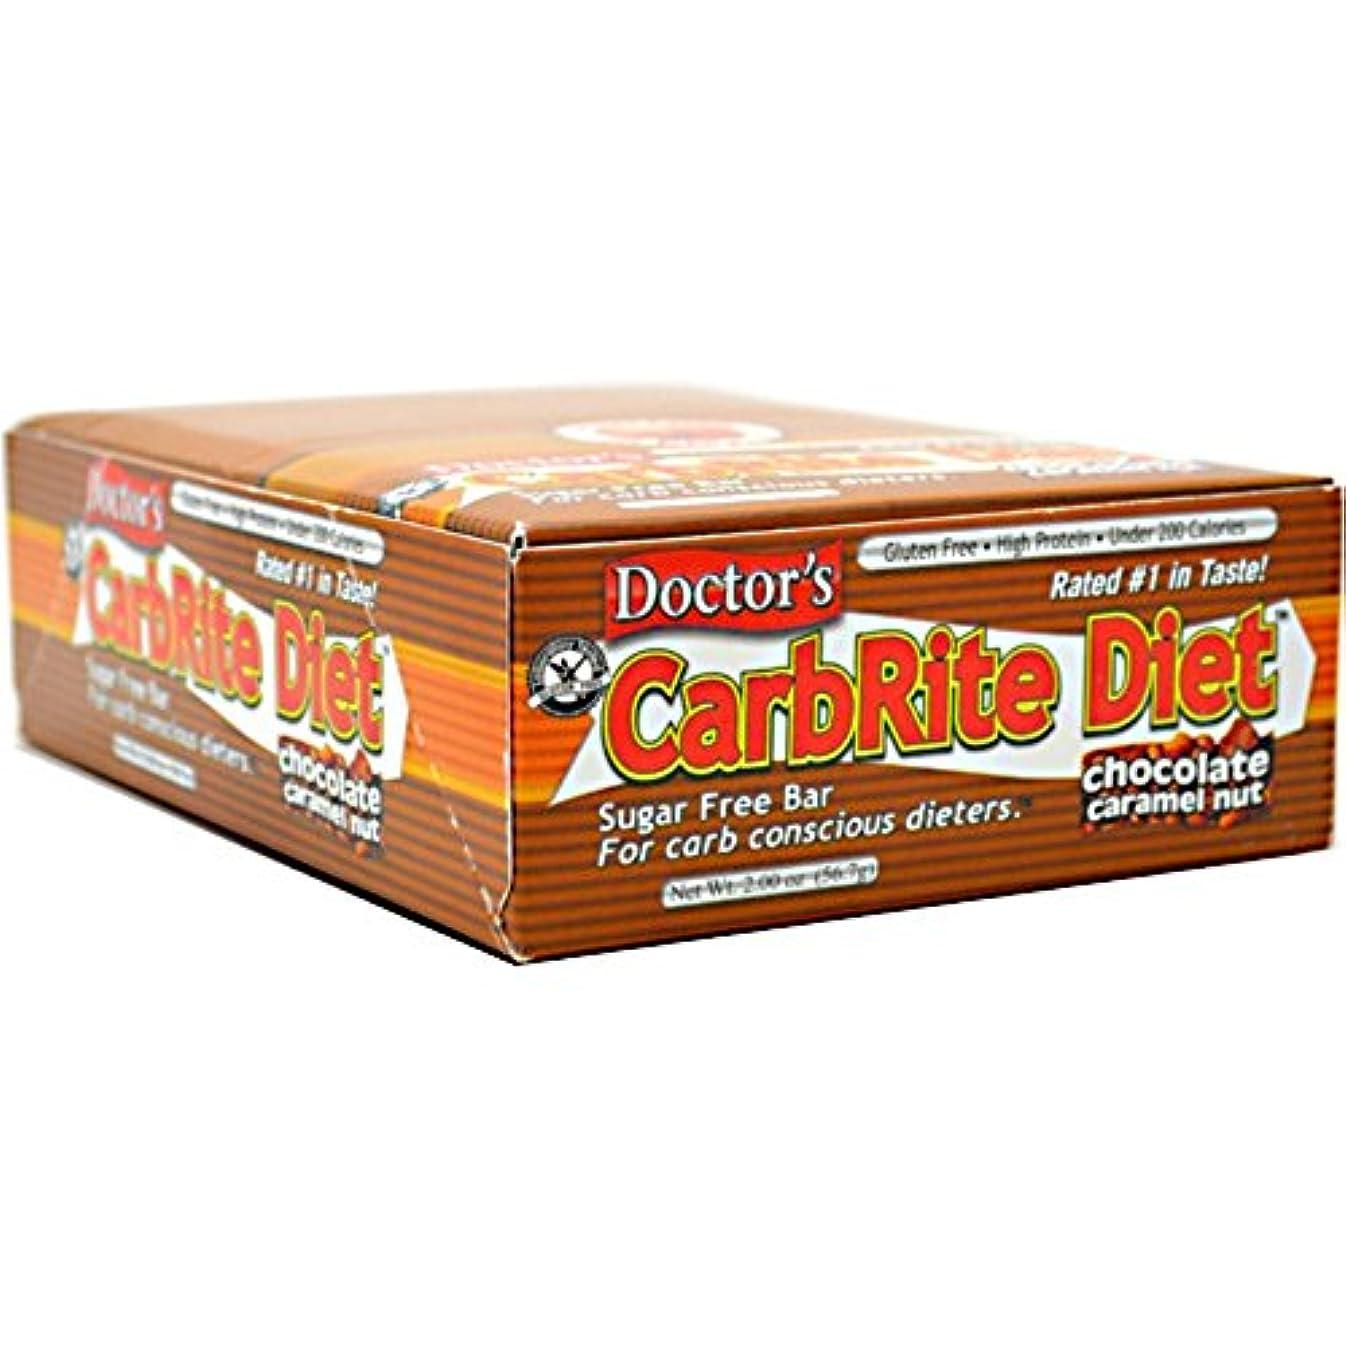 賛辞マンモスママUniversal Nutrition, Doctor's CarbRite Diet, Chocolate Caramel Nut, 12 Bars, 2.0 oz (56.7 g) Each